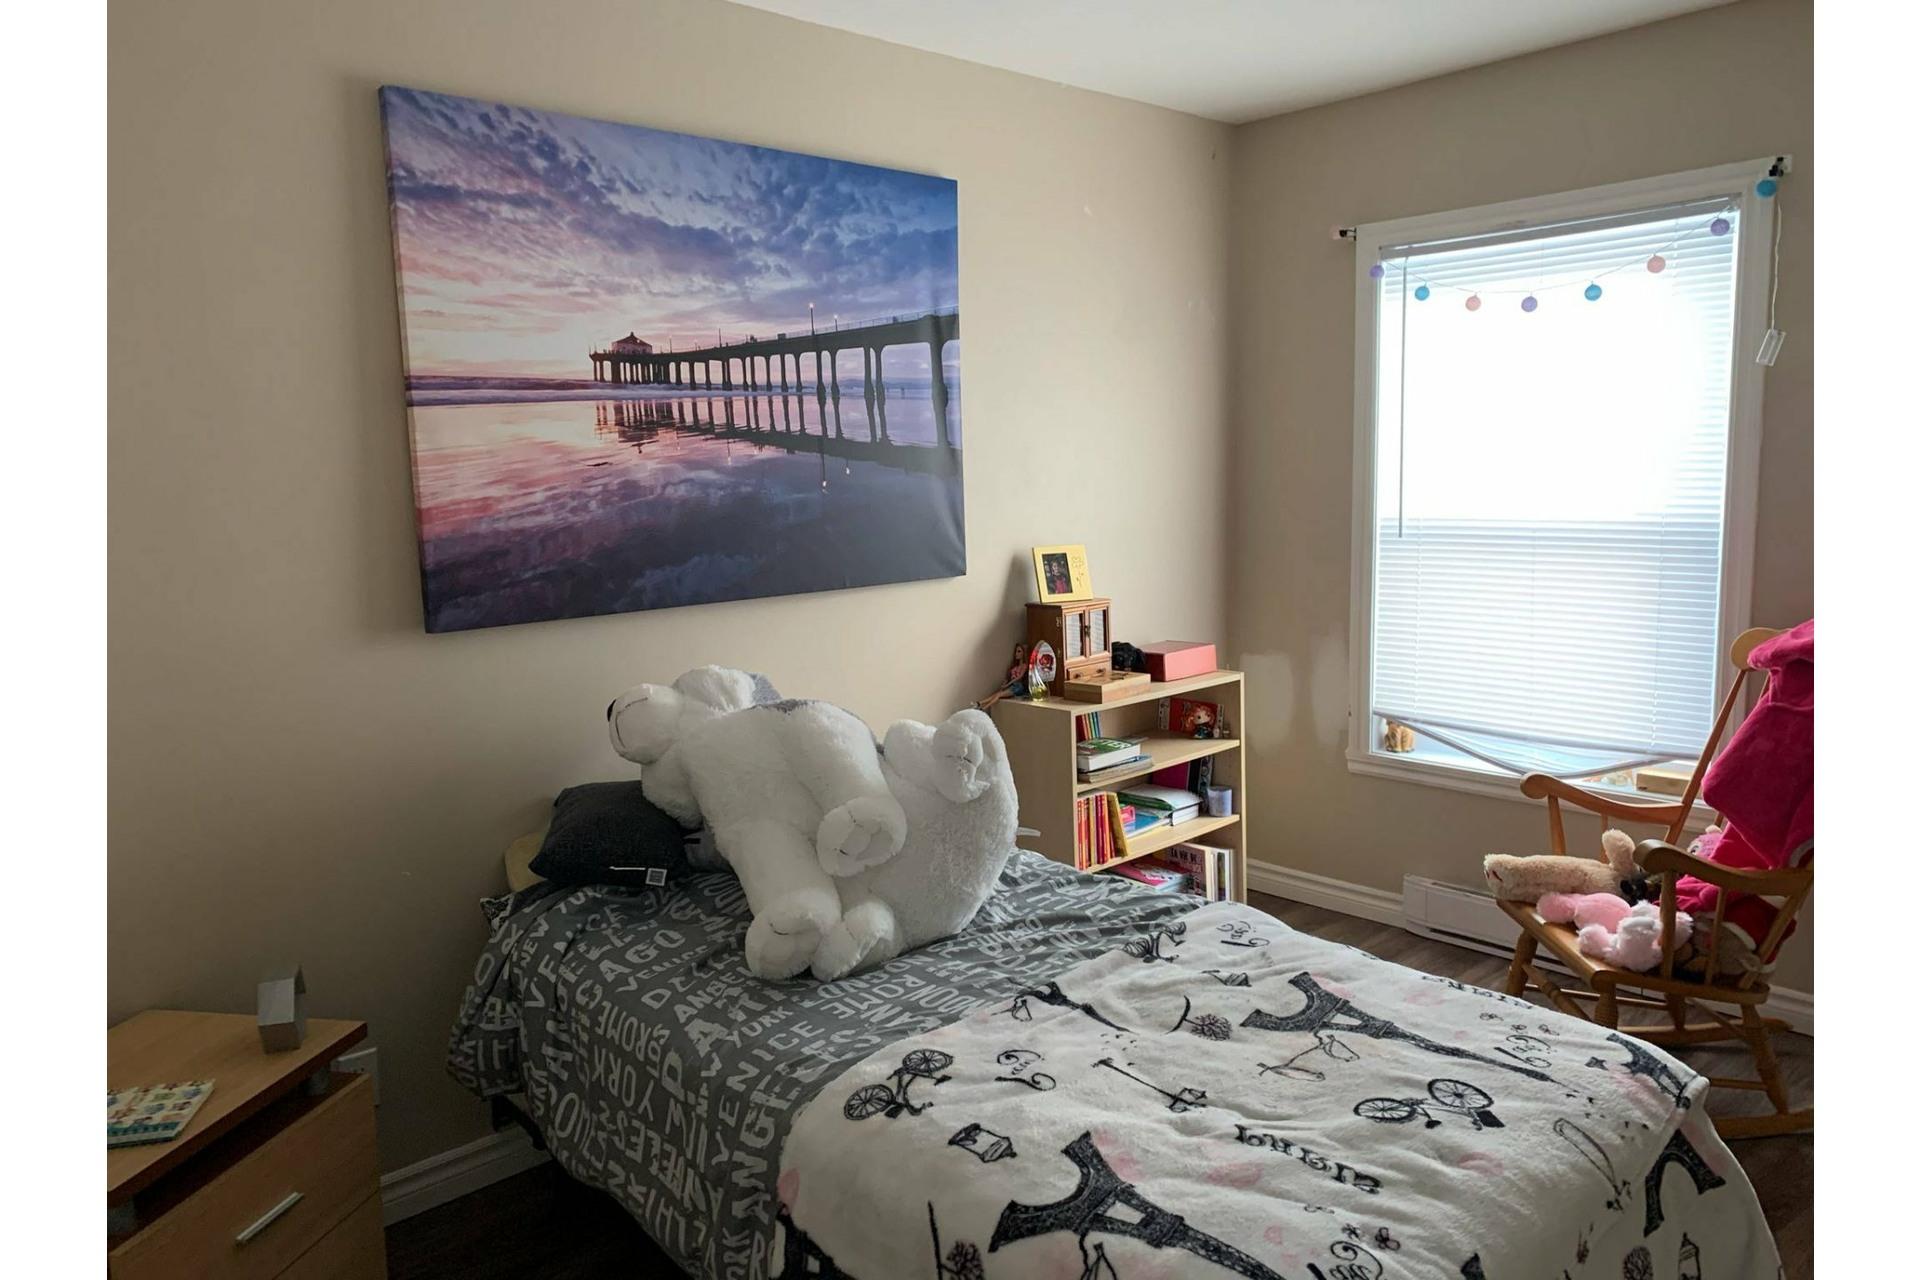 image 10 - Duplex For sale Trois-Rivières - 6 rooms